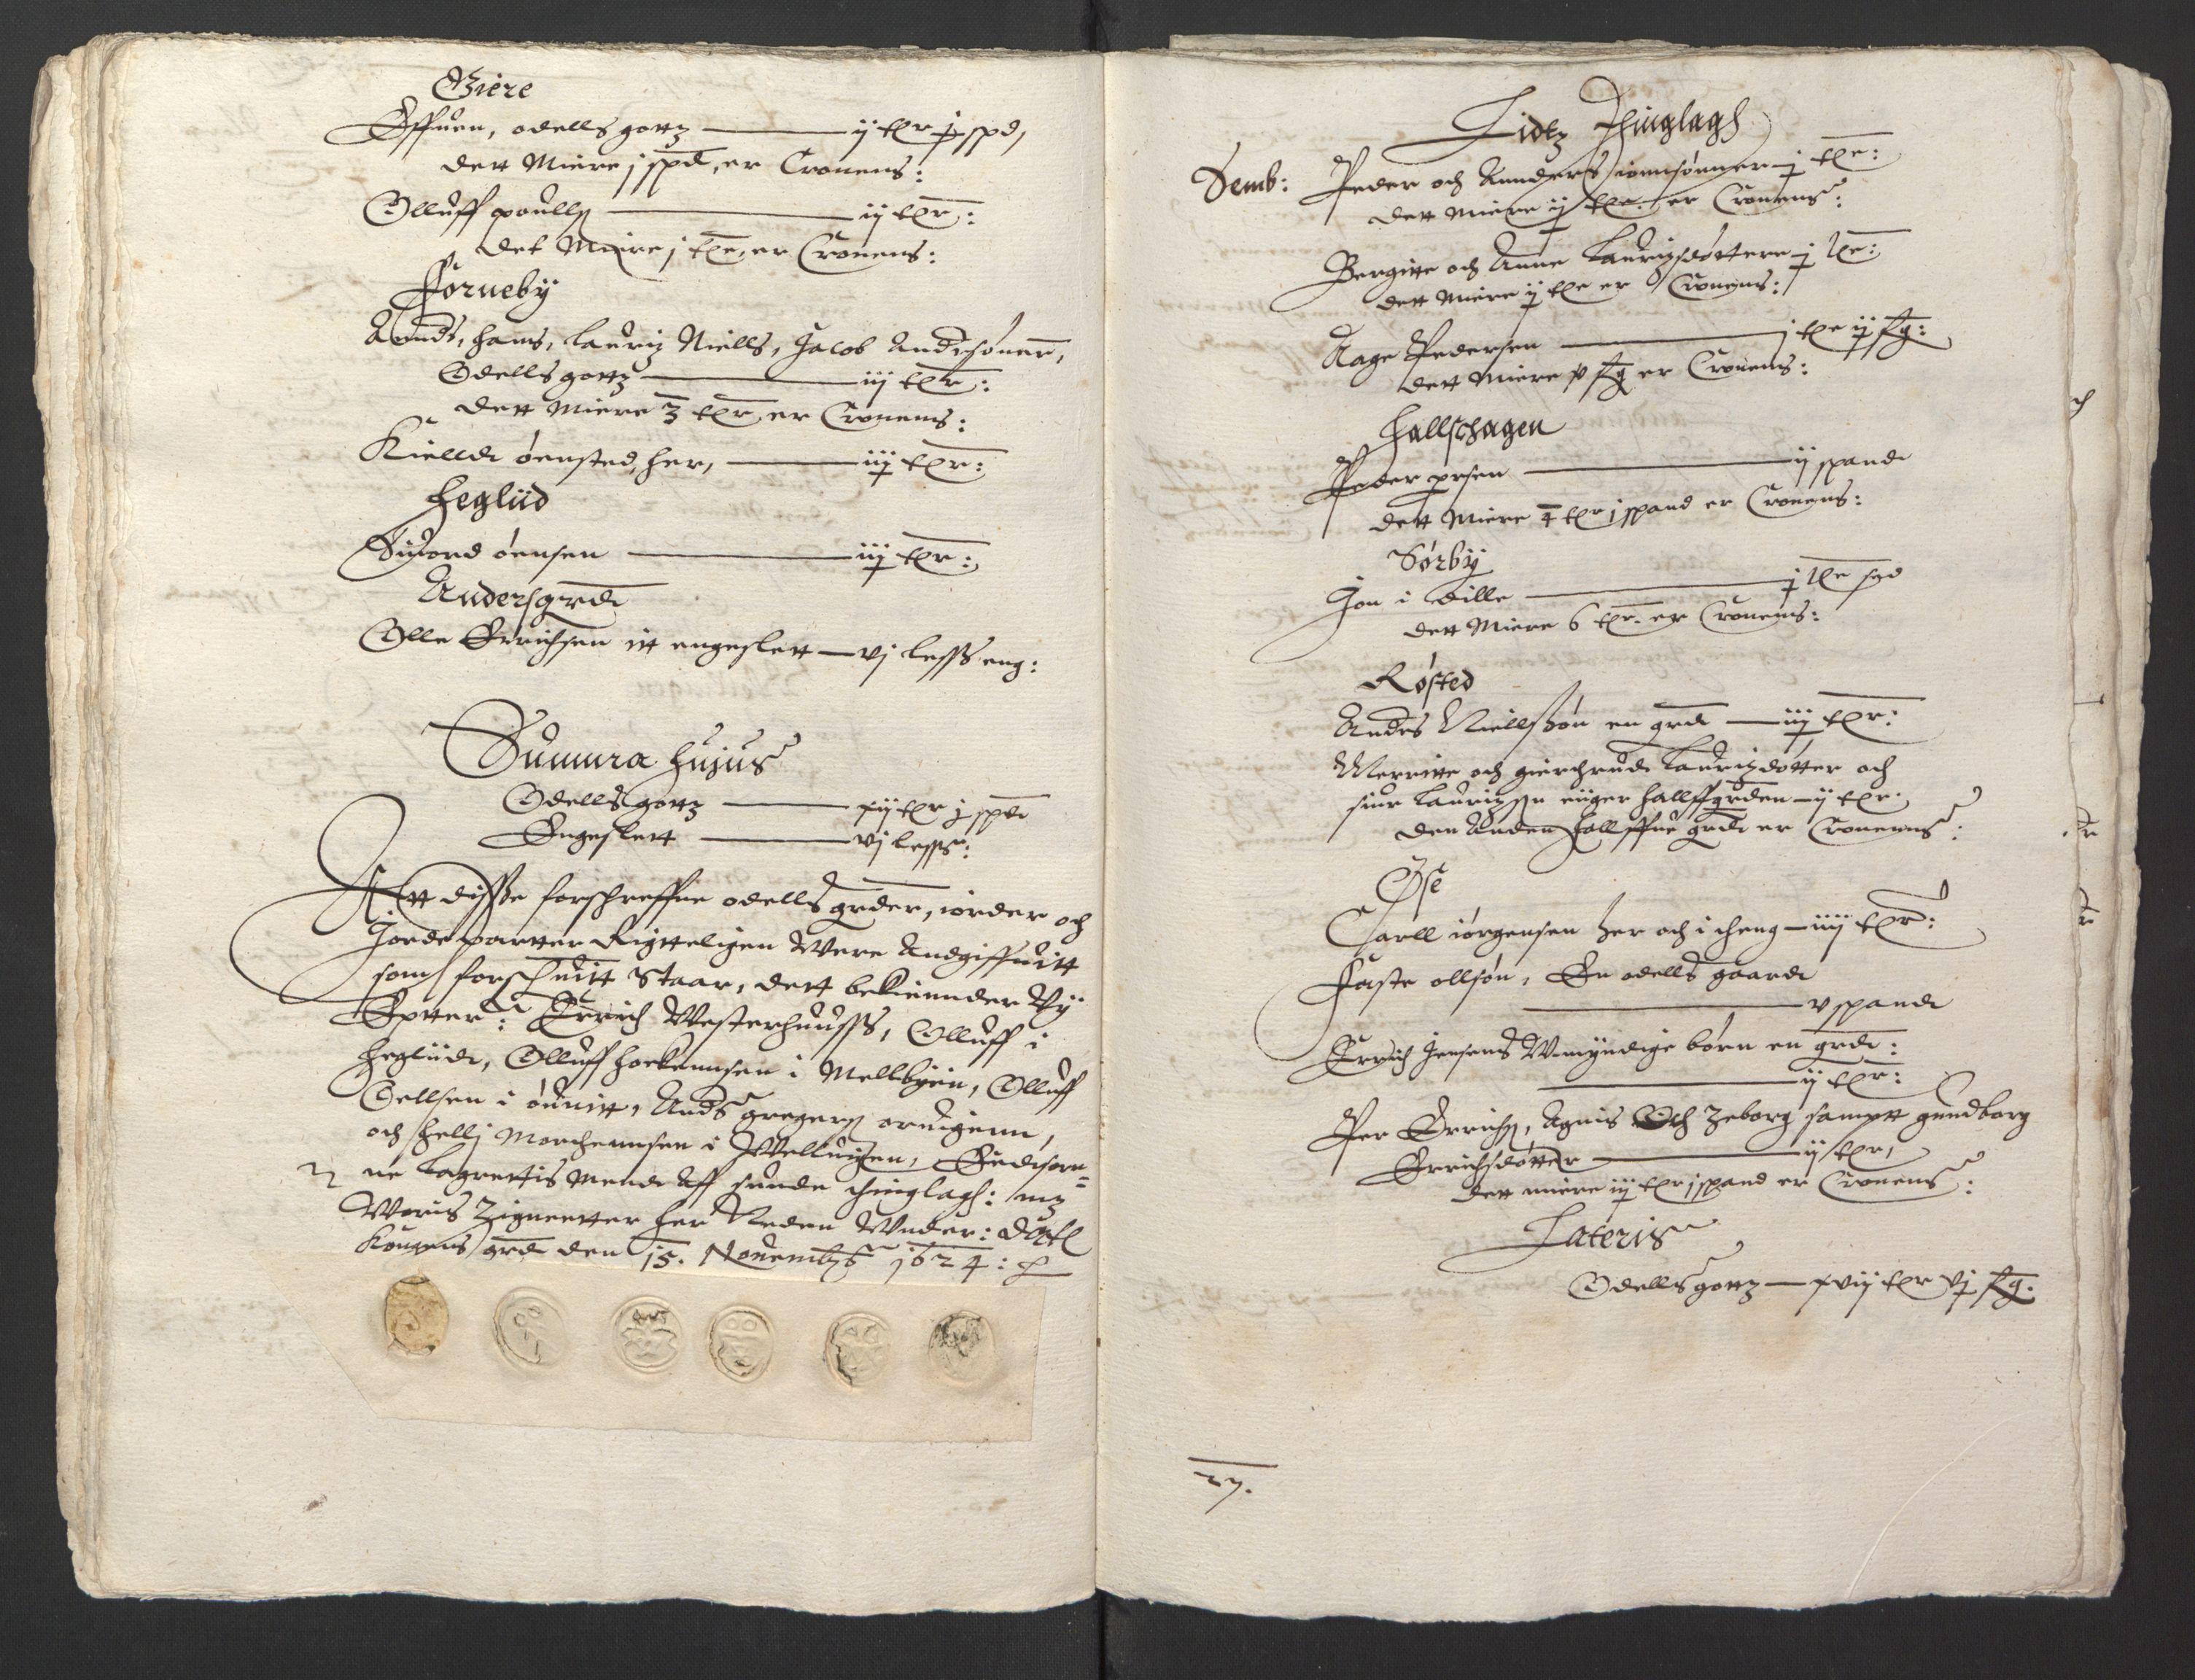 RA, Stattholderembetet 1572-1771, Ek/L0013: Jordebøker til utlikning av rosstjeneste 1624-1626:, 1624-1625, s. 122